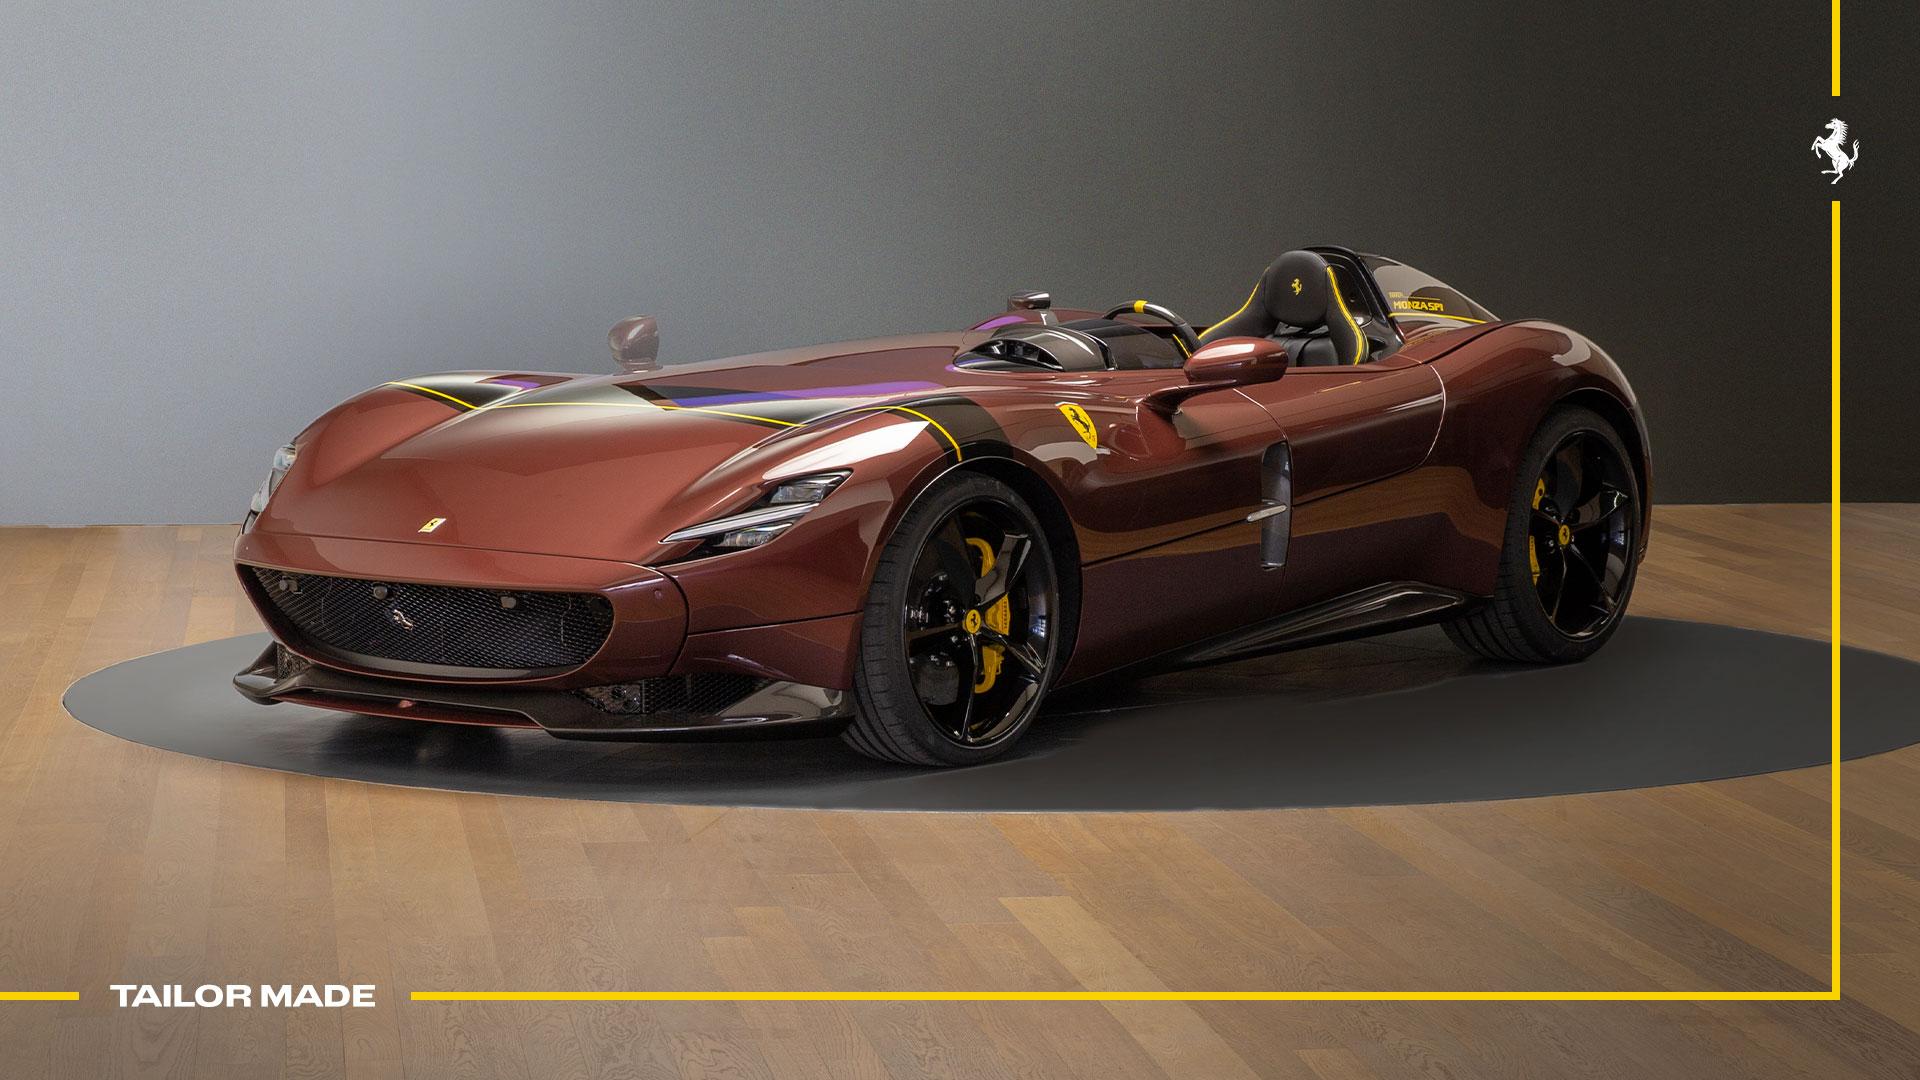 フェラーリがあまりにオシャレな「ブラウン」のモンツァSP1を公開!なぜモンツァのオーナーにはカスタム上級者が多いのか